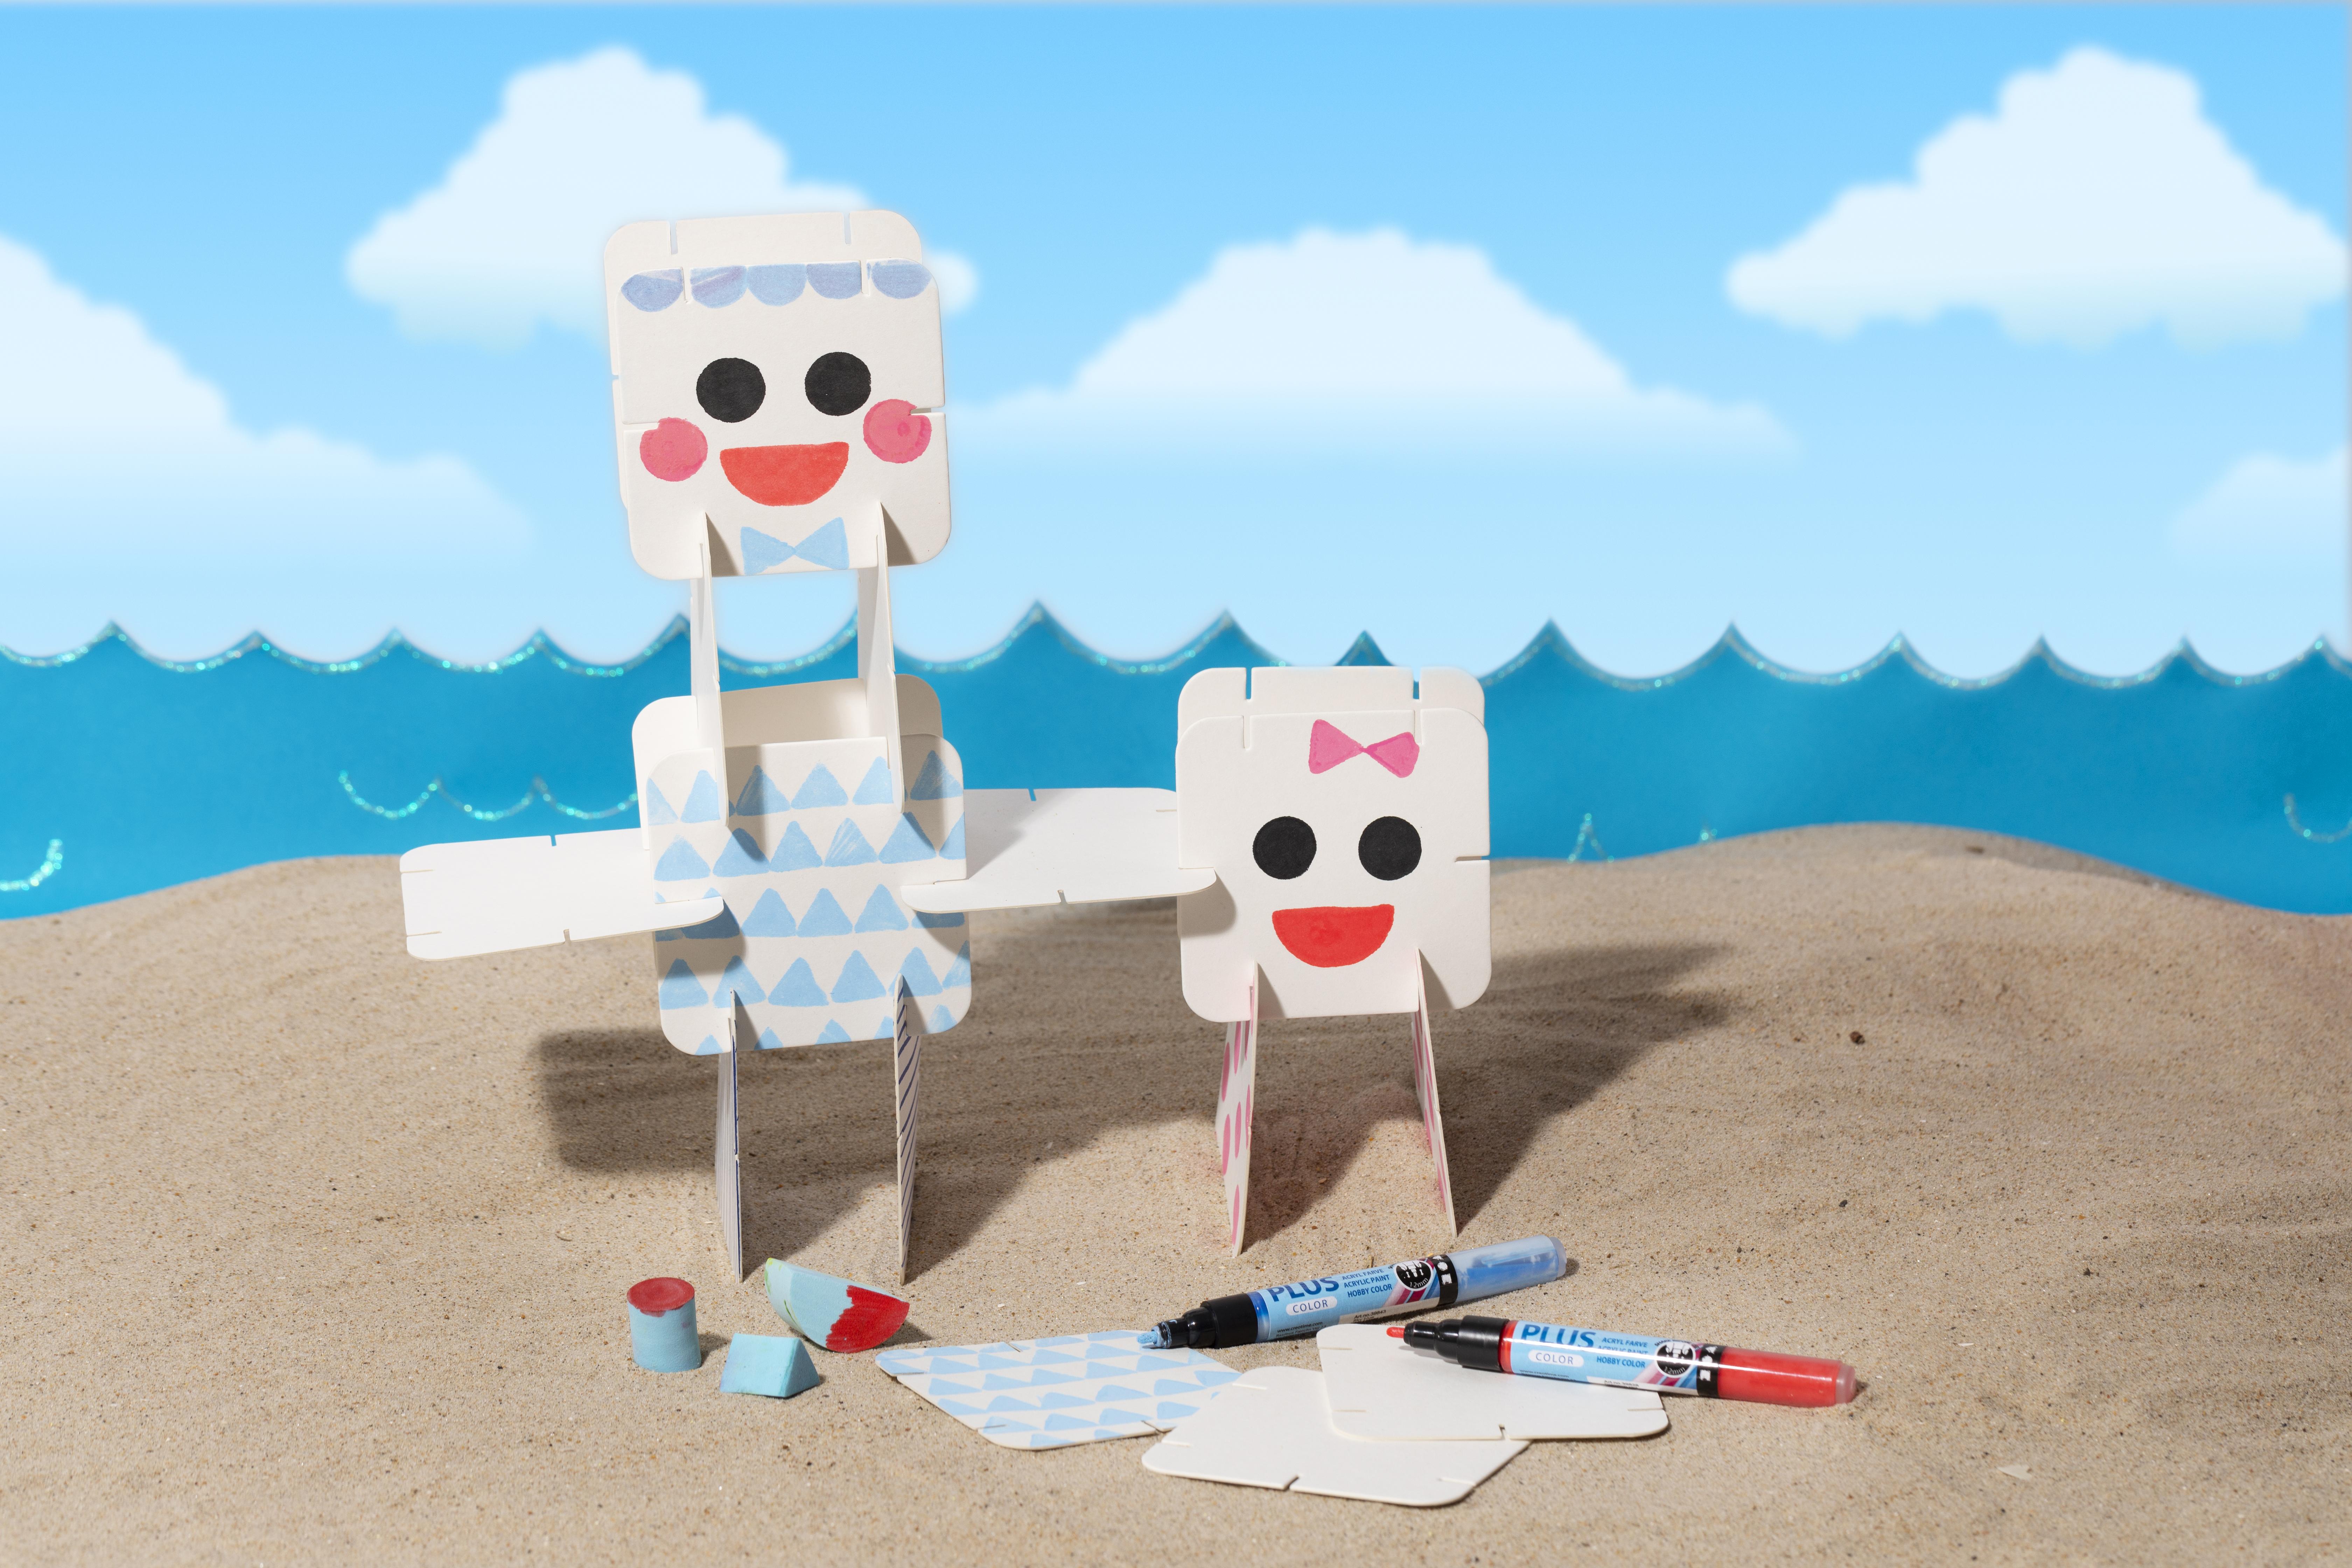 Rolig och kreativ semester med barn - gör egna figurer med dekoration av konstruktionsbrickor